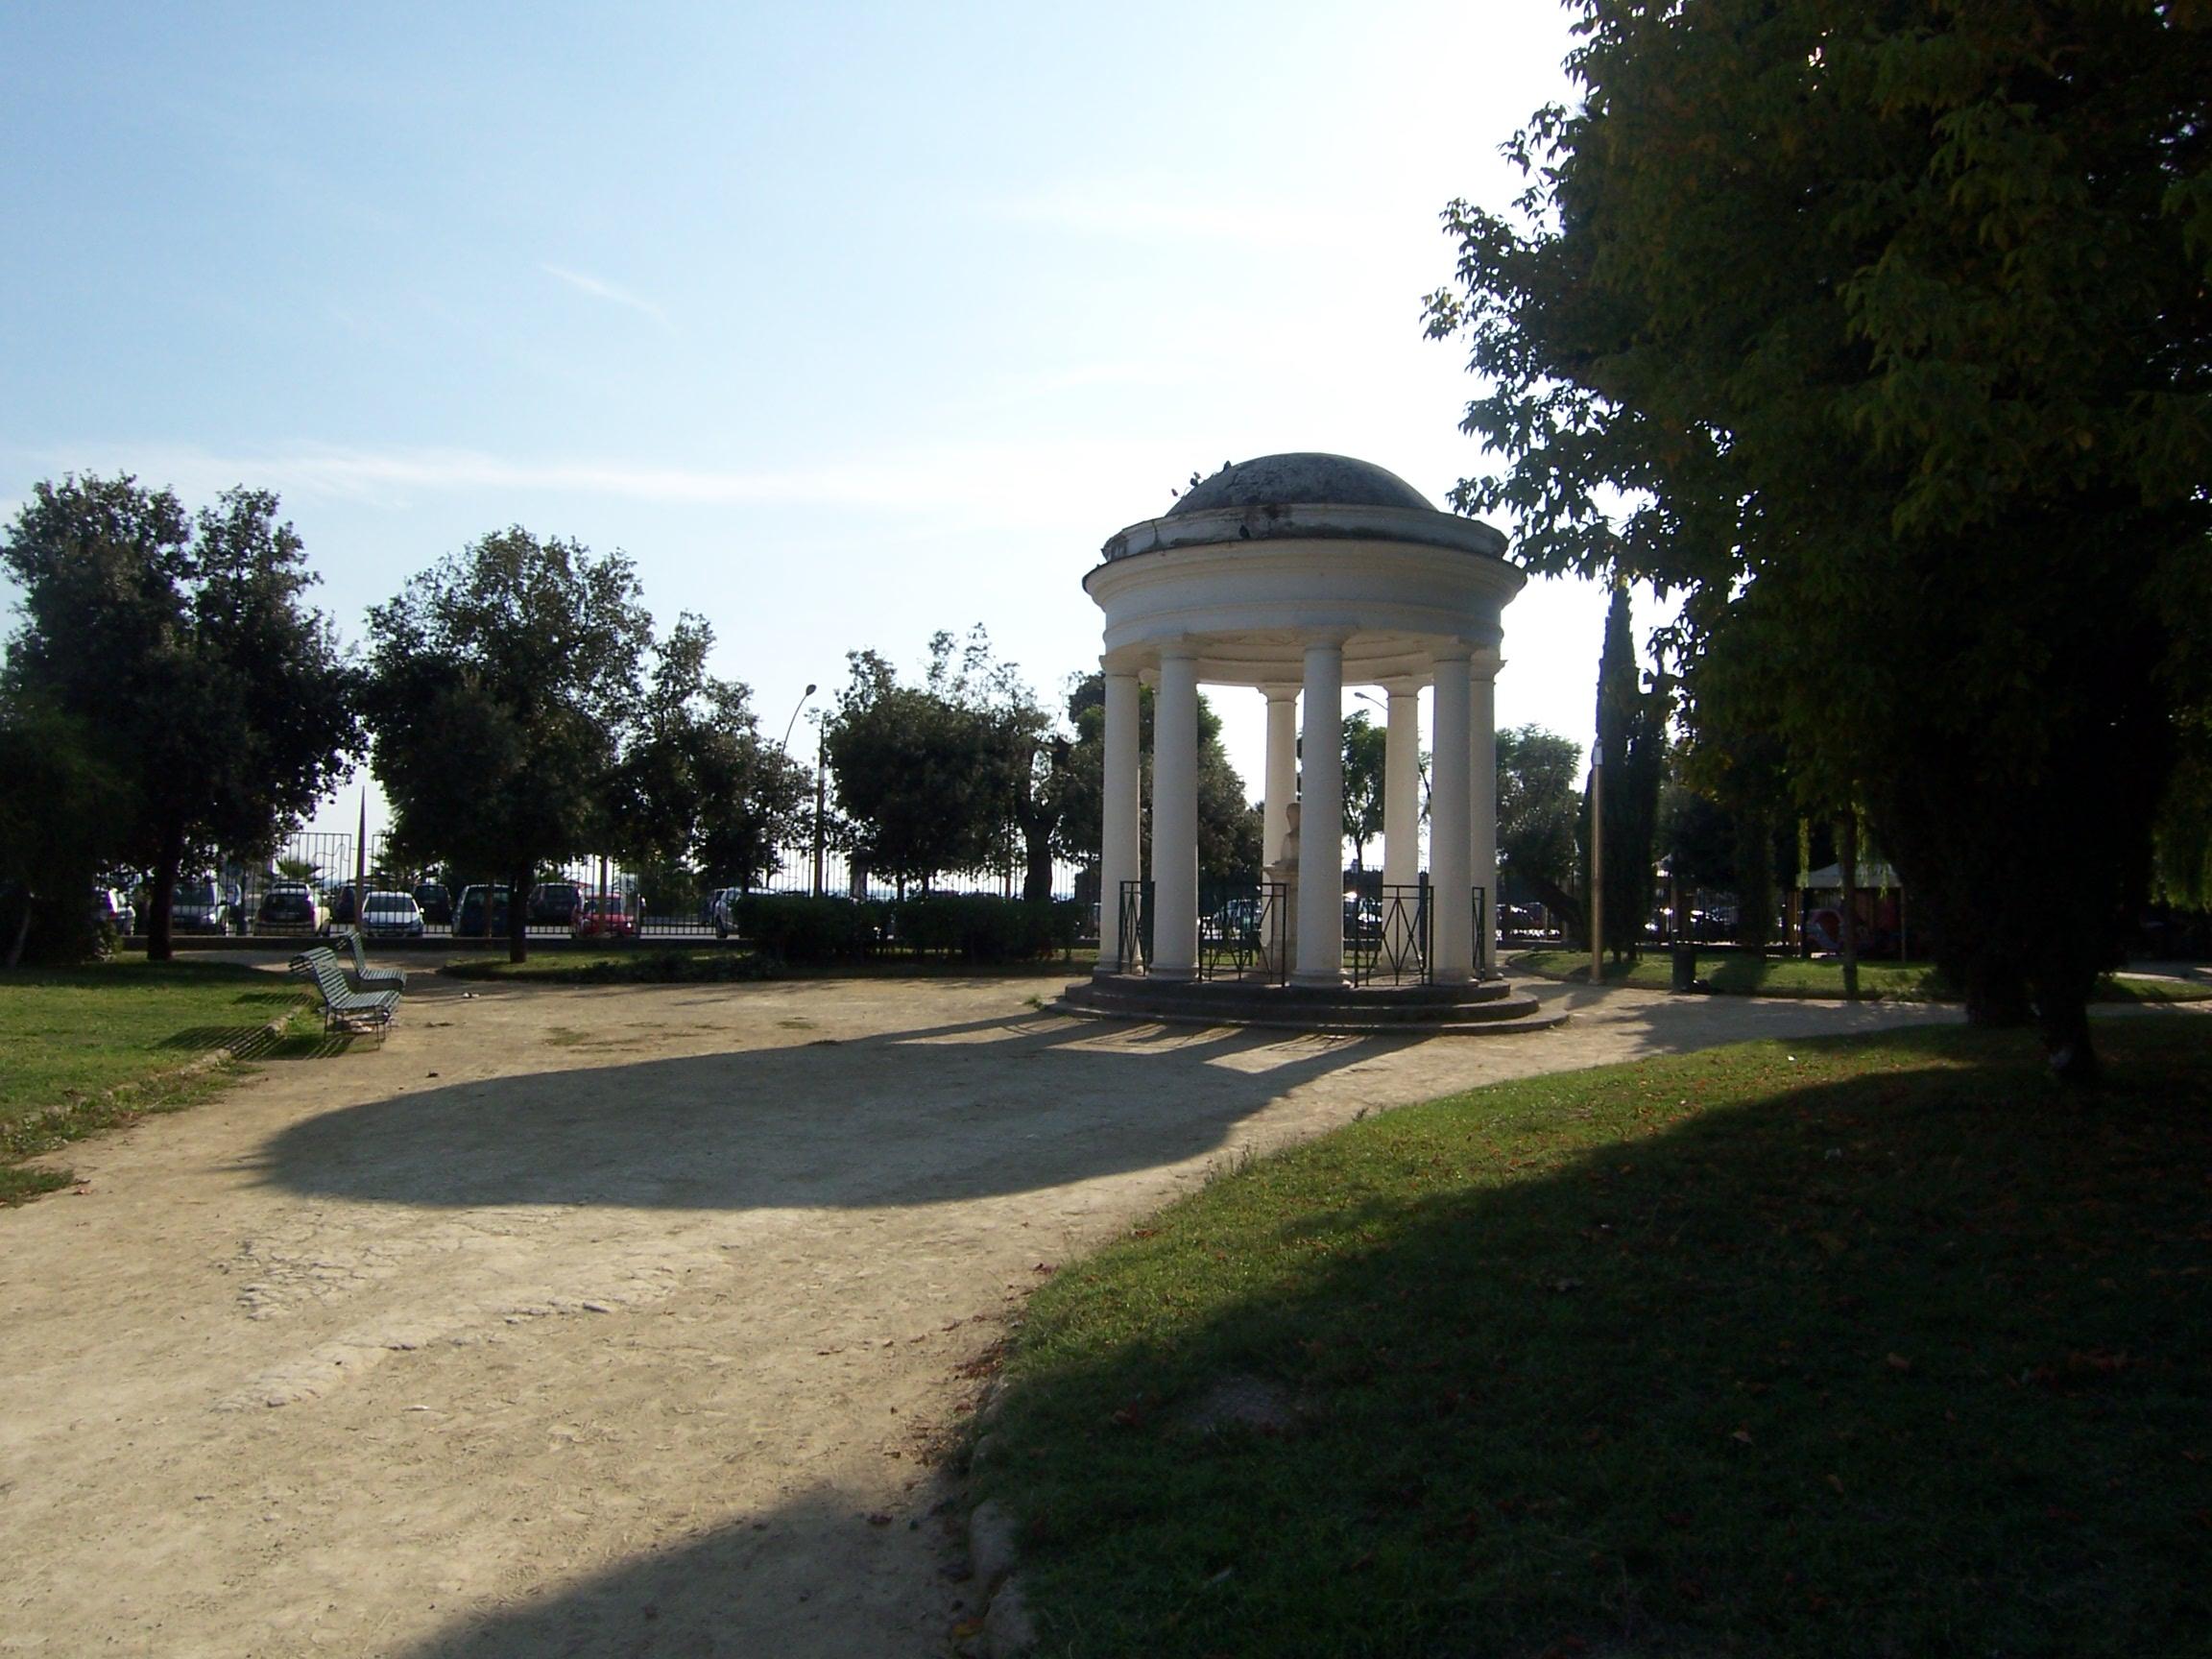 Villa Comunale di Napoli: i lavori si concluderanno dopo l'estate